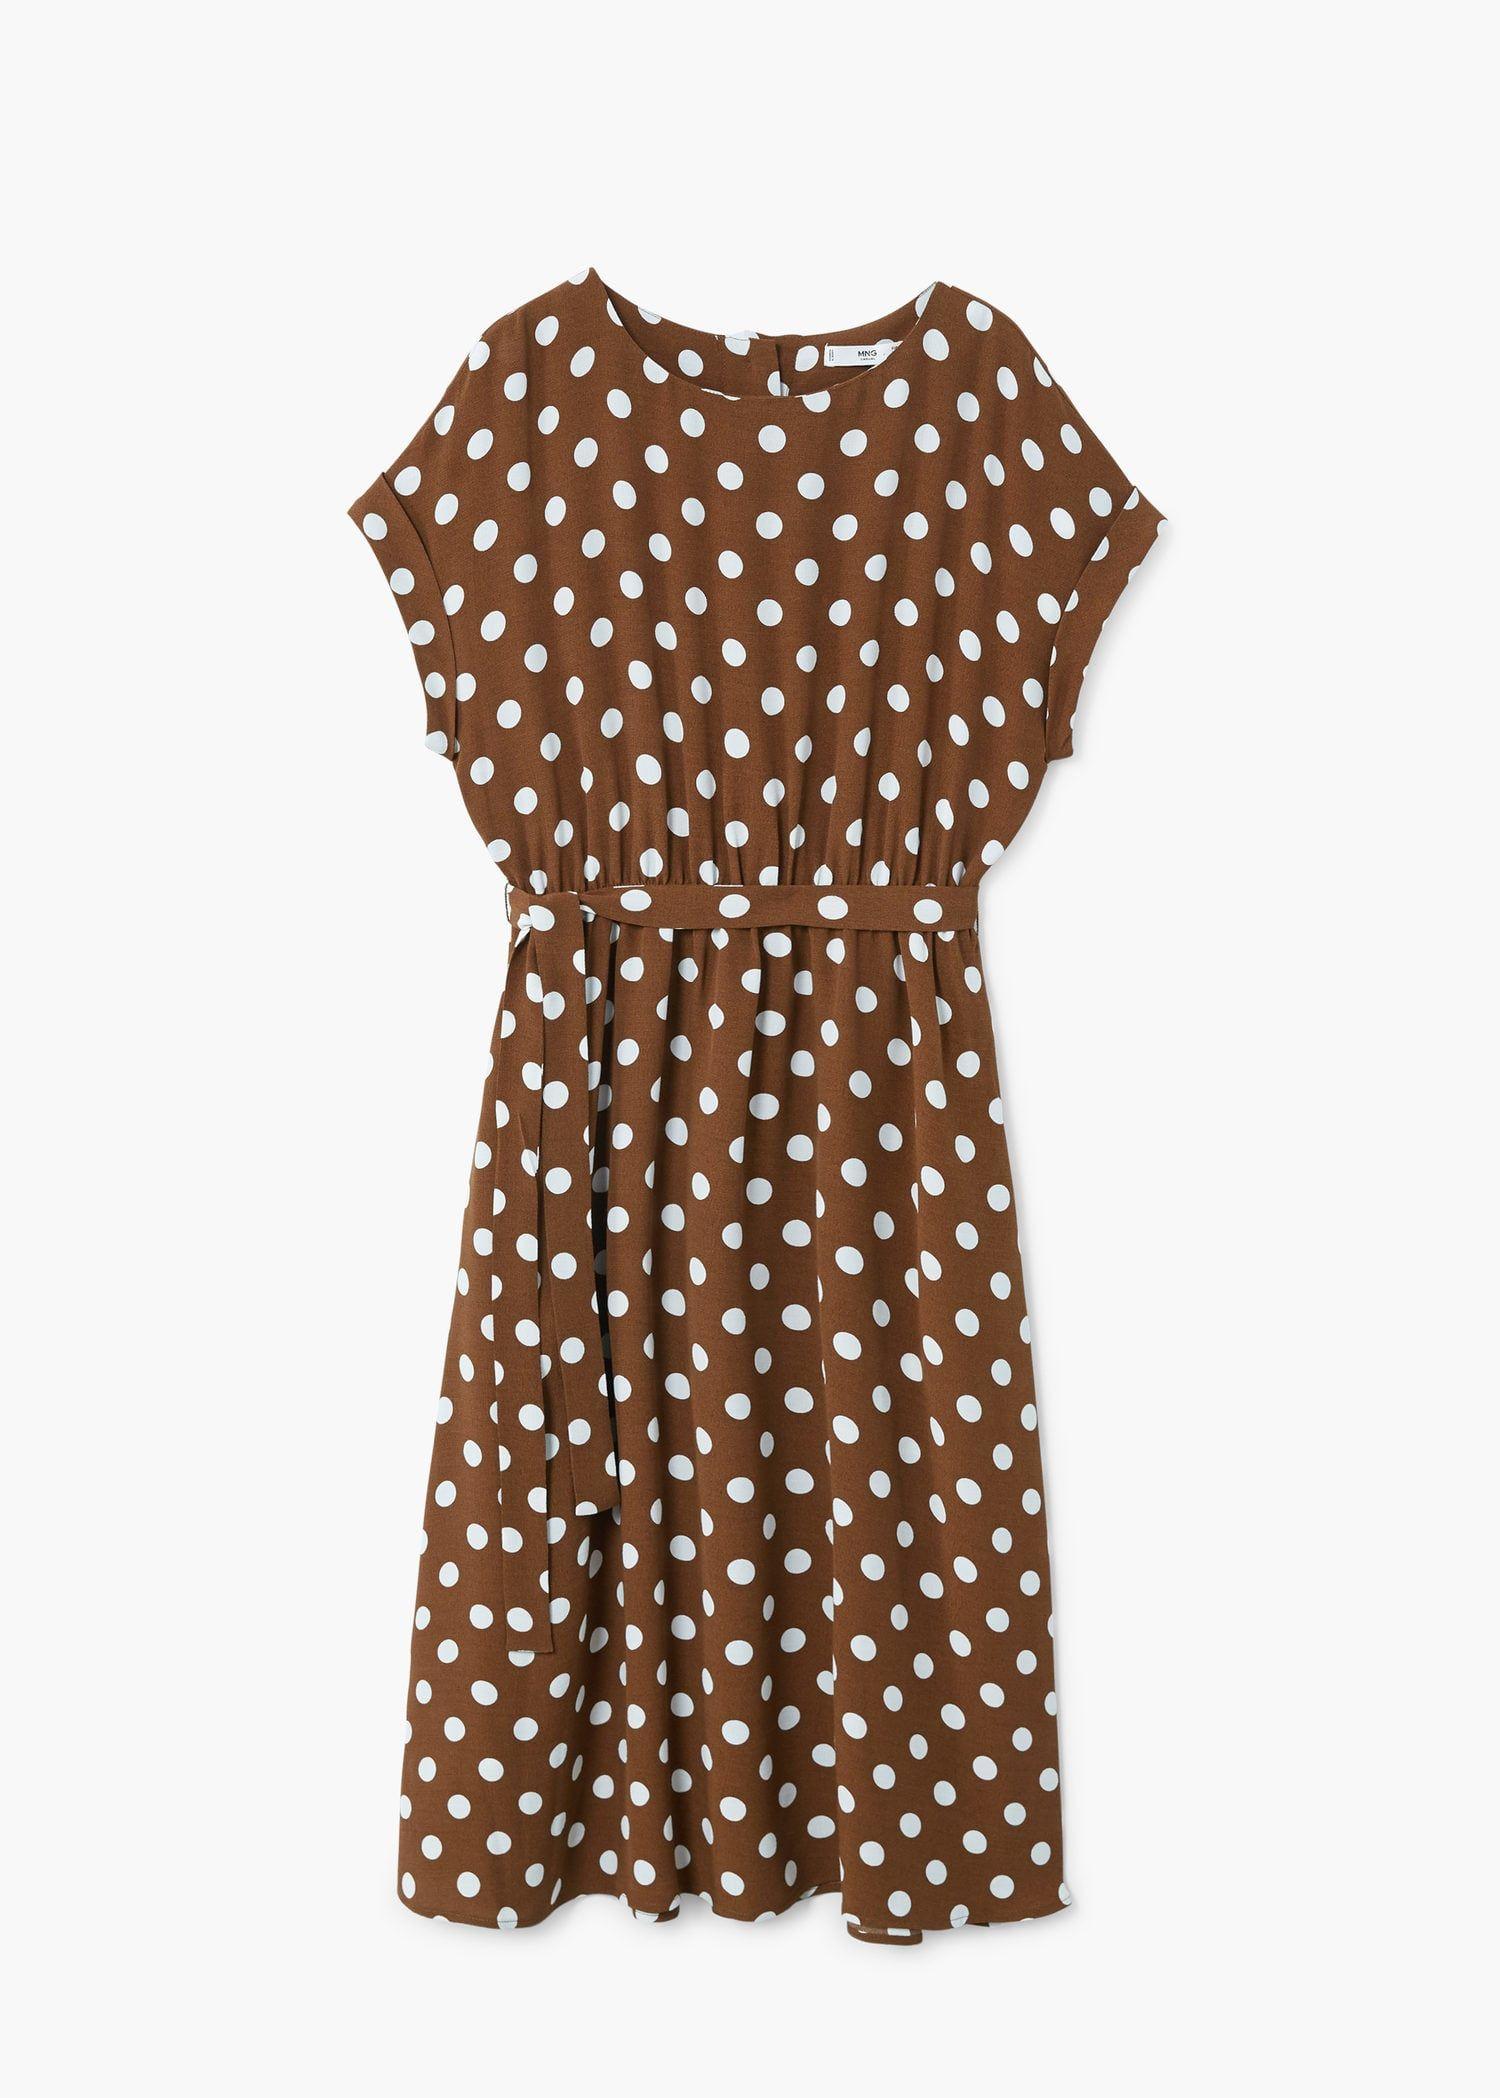 e93f757649 Mango tiene el vestido más bonito que Julia Roberts usó en Pretty Woman